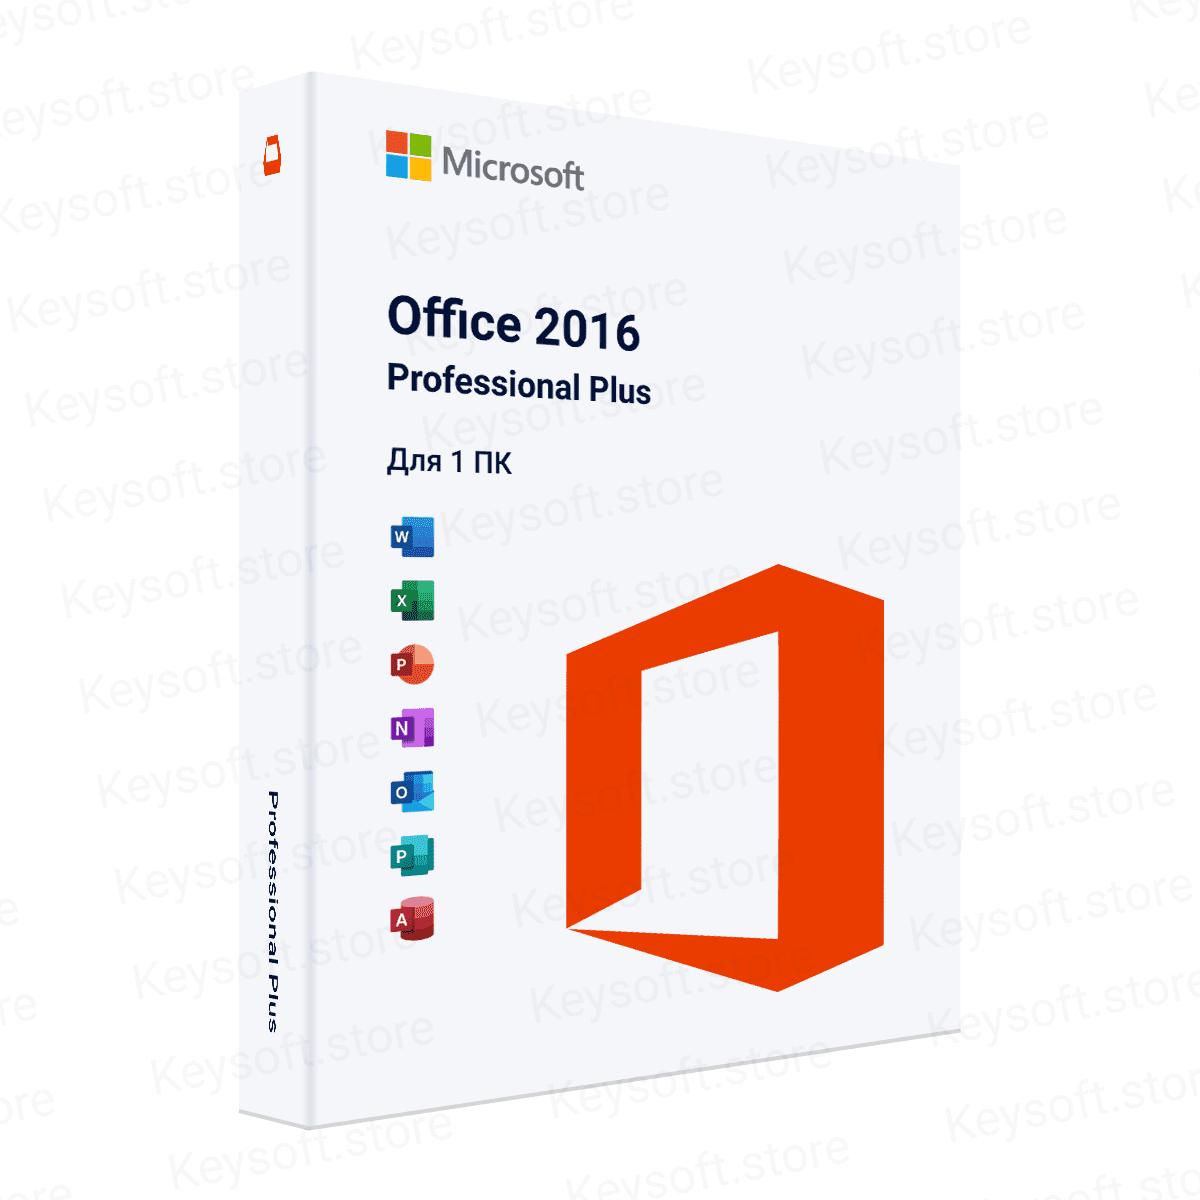 Купить лицензионные ключи активации для Office 2016 Professional Plus - keysoft.store - Программы